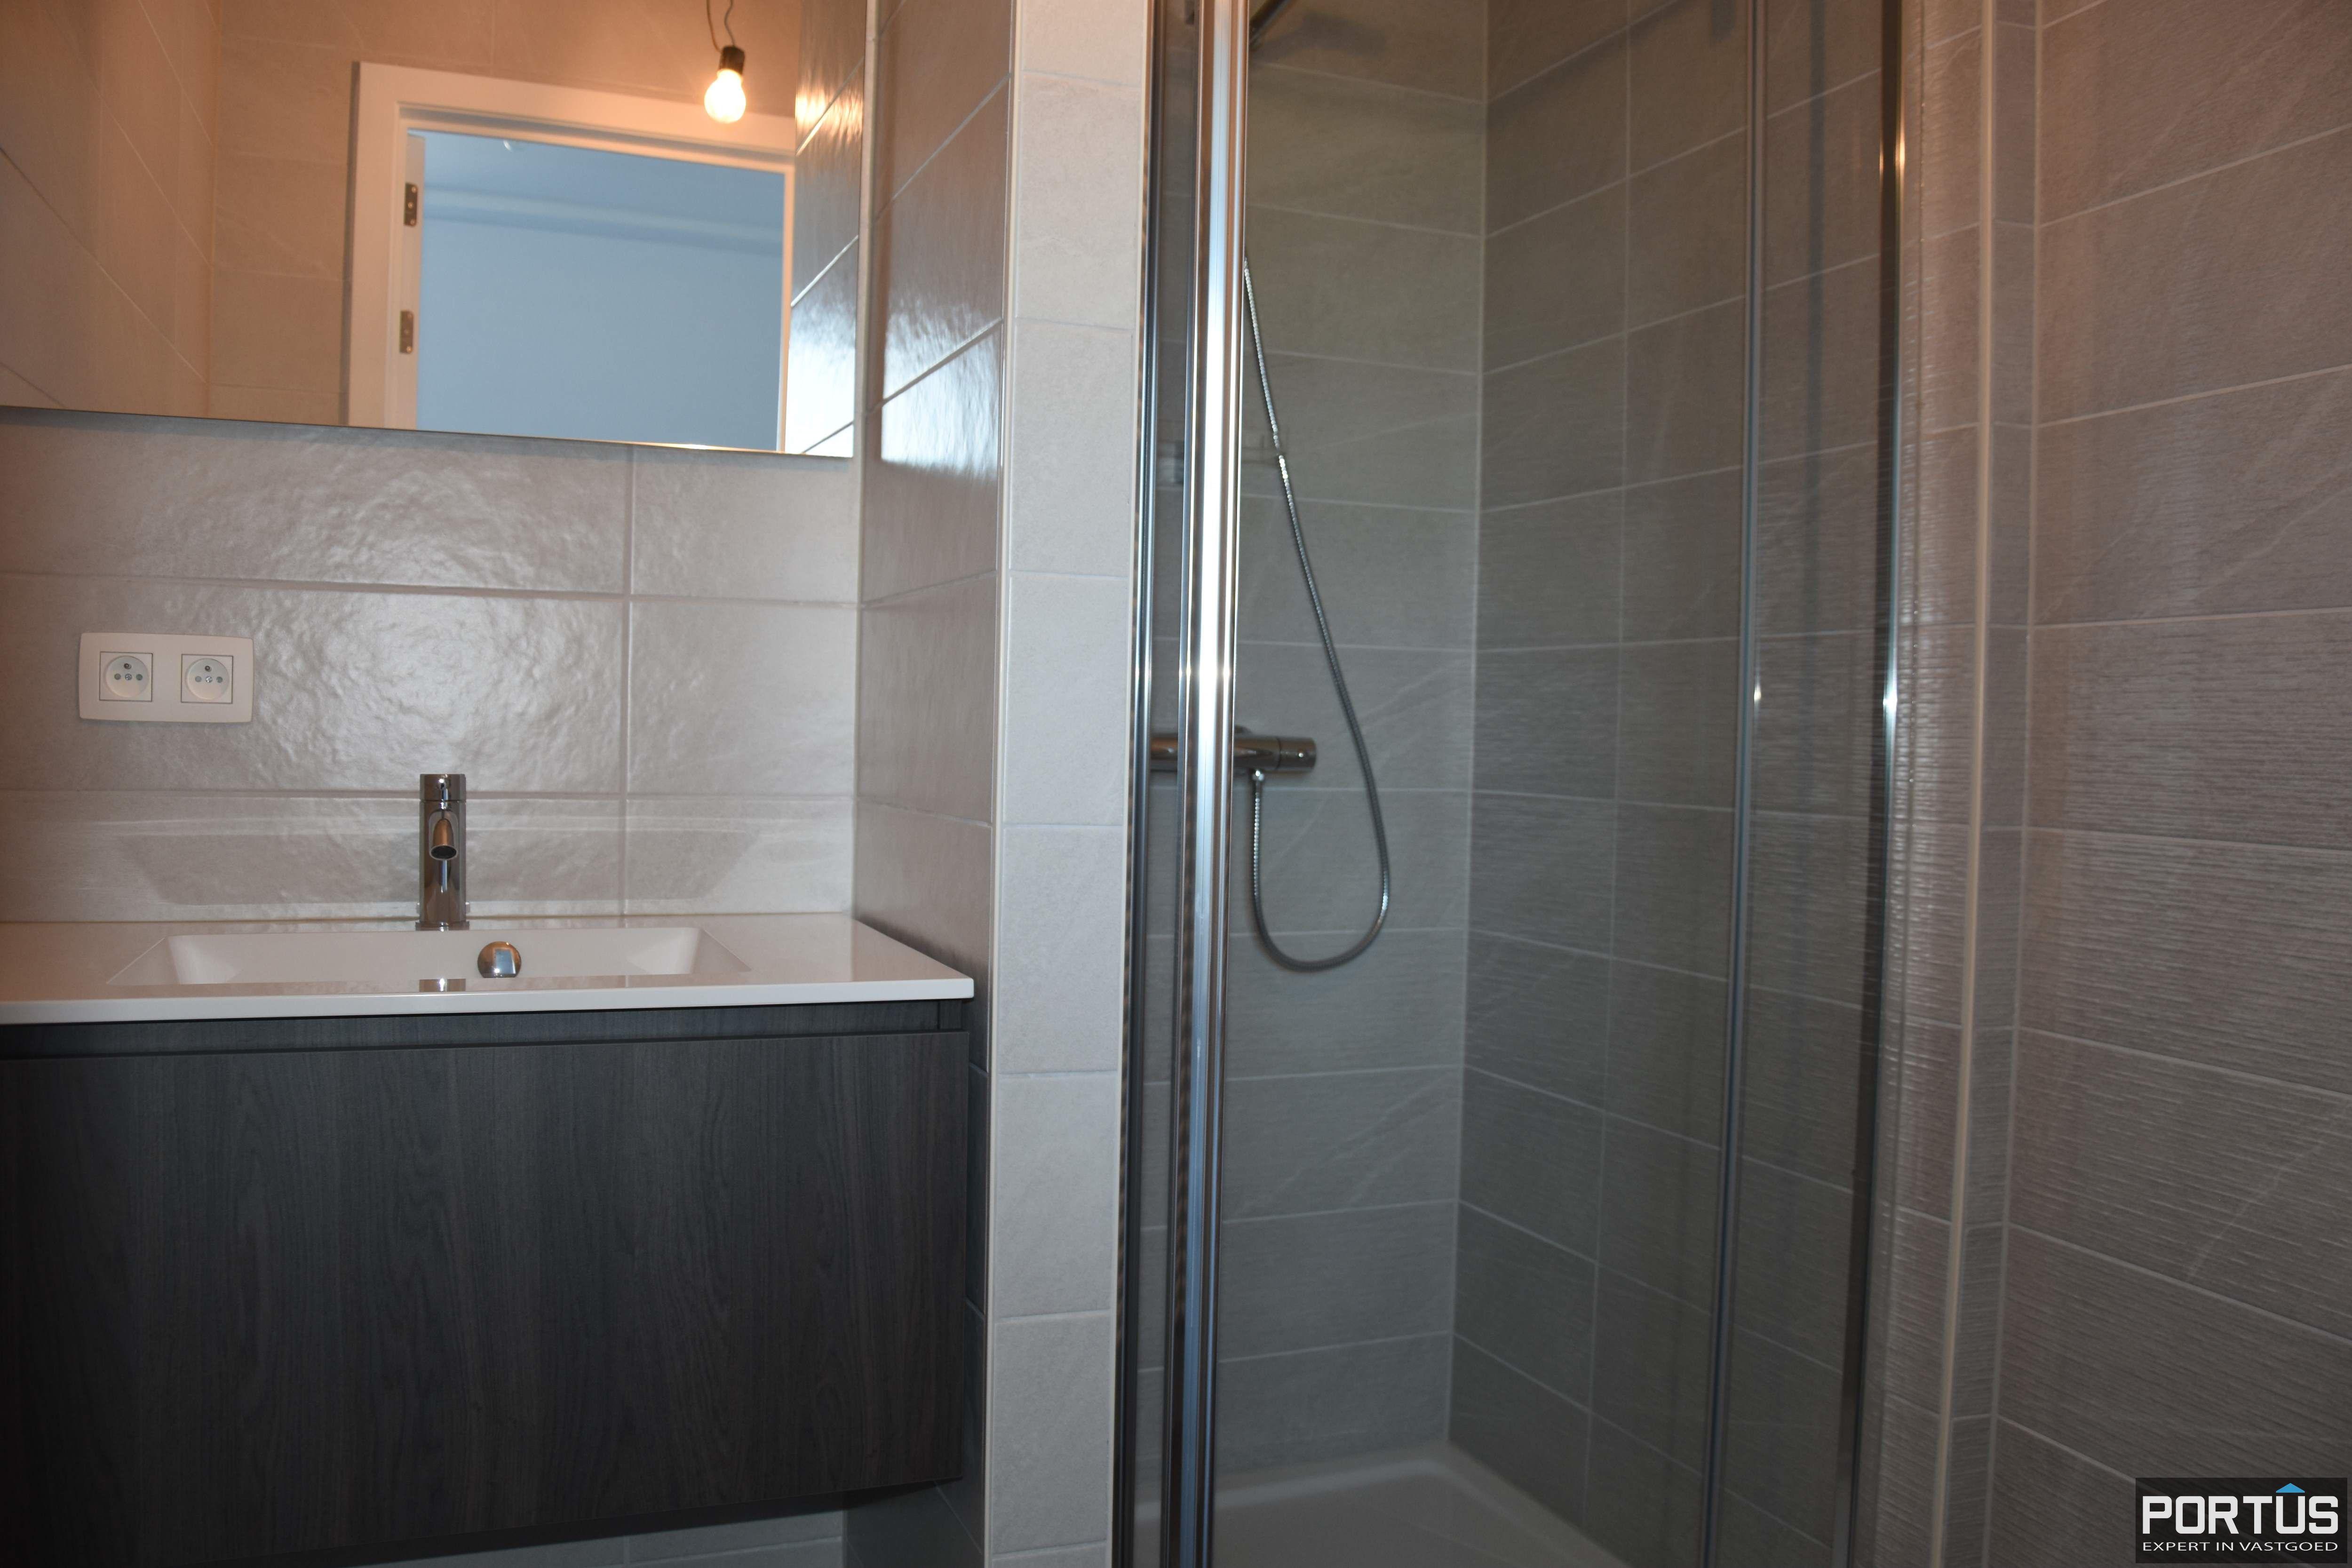 Nieuwbouw duplex-appartement met 2 slaapkamers te huur - 11007